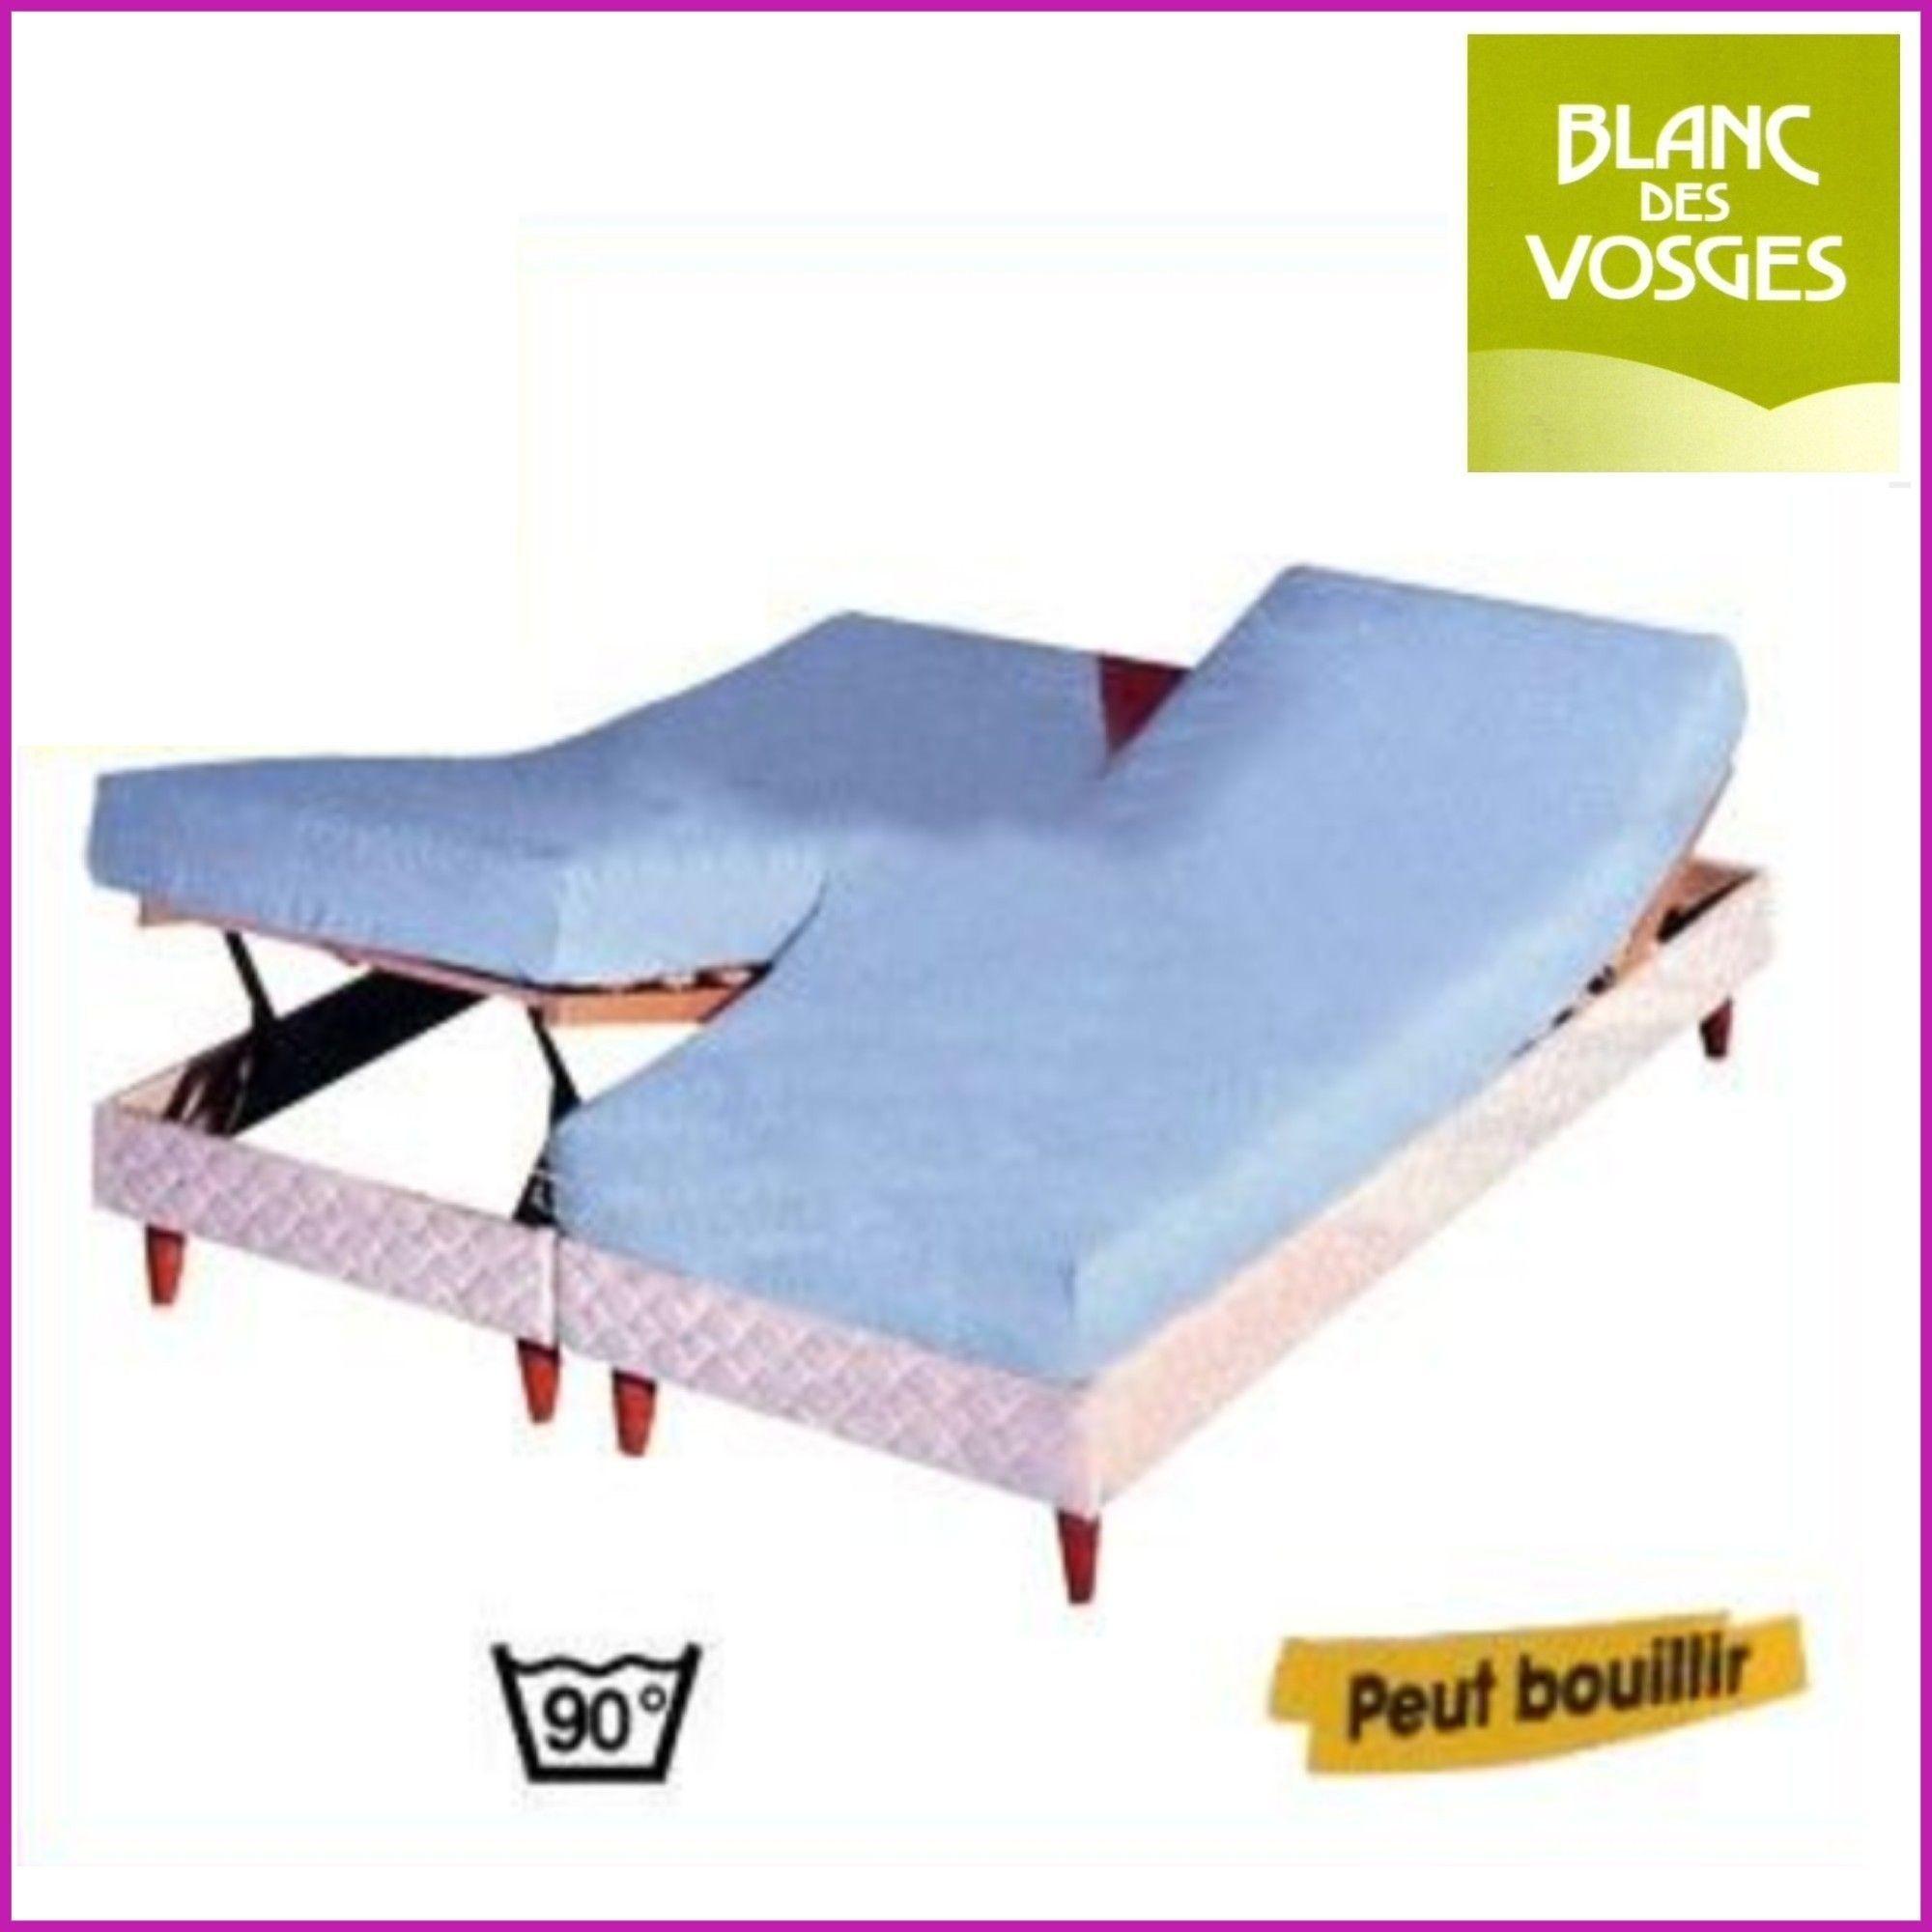 drap housse 90x200 pas cher drap housse 90x200 pas cher drap housse 90x200 drap drap housse. Black Bedroom Furniture Sets. Home Design Ideas